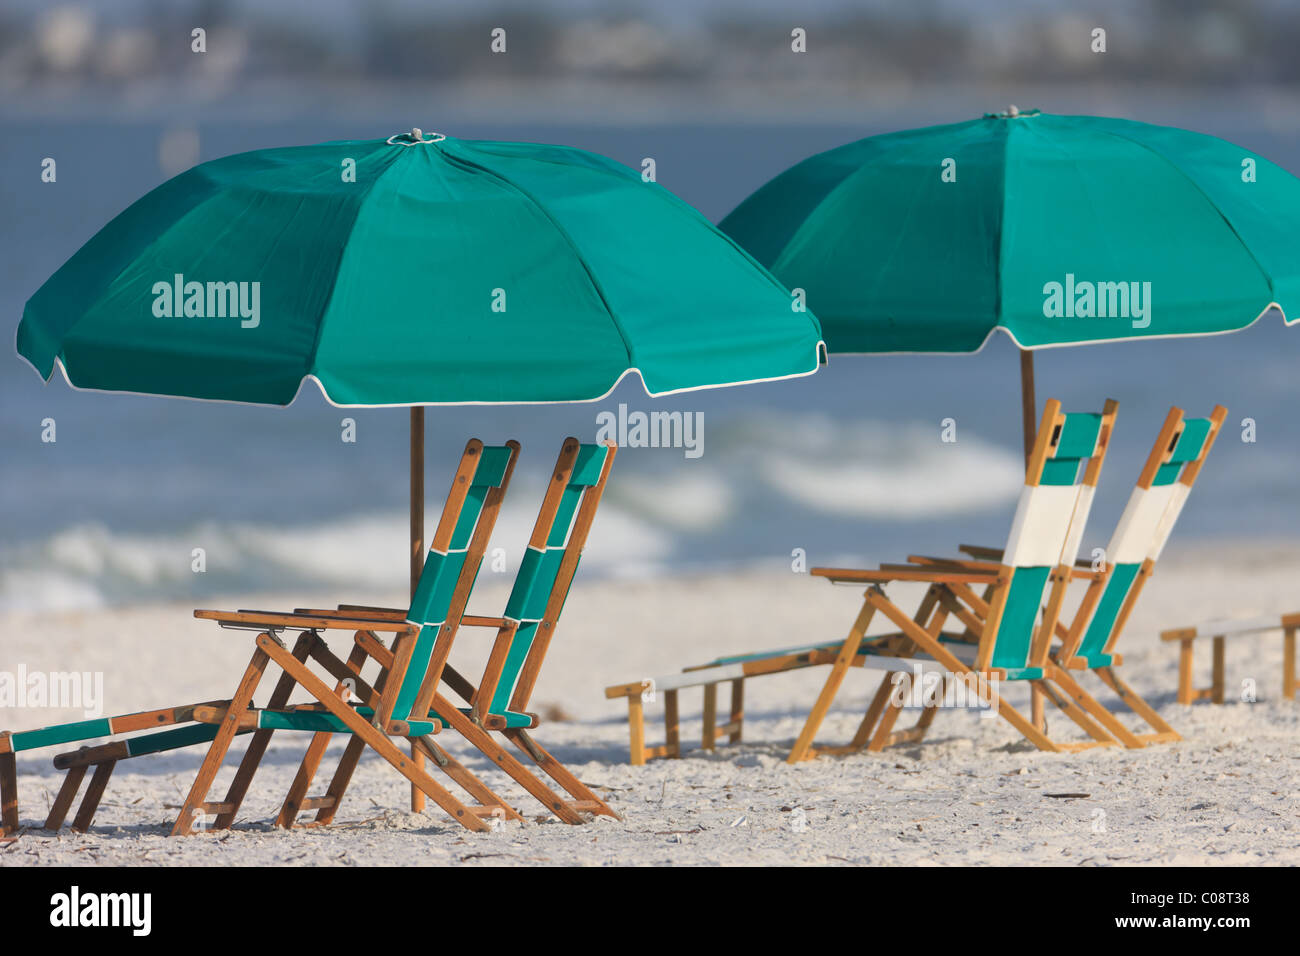 Freie Liegestühle und Sonnenschirme an einem sonnigen Tag am Strand. Stockbild